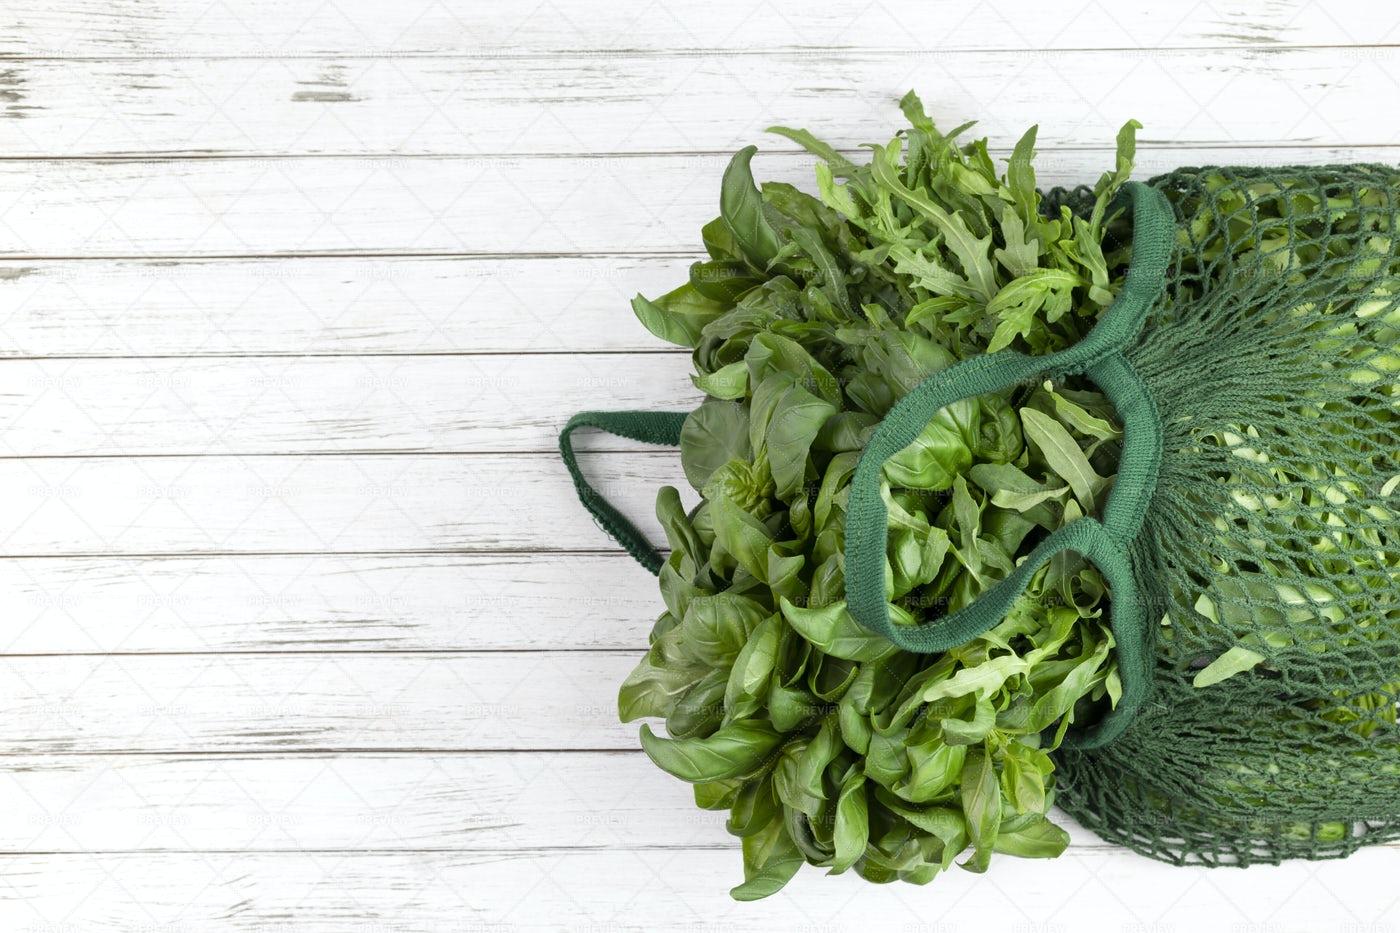 Herbs In A String Bag: Stock Photos